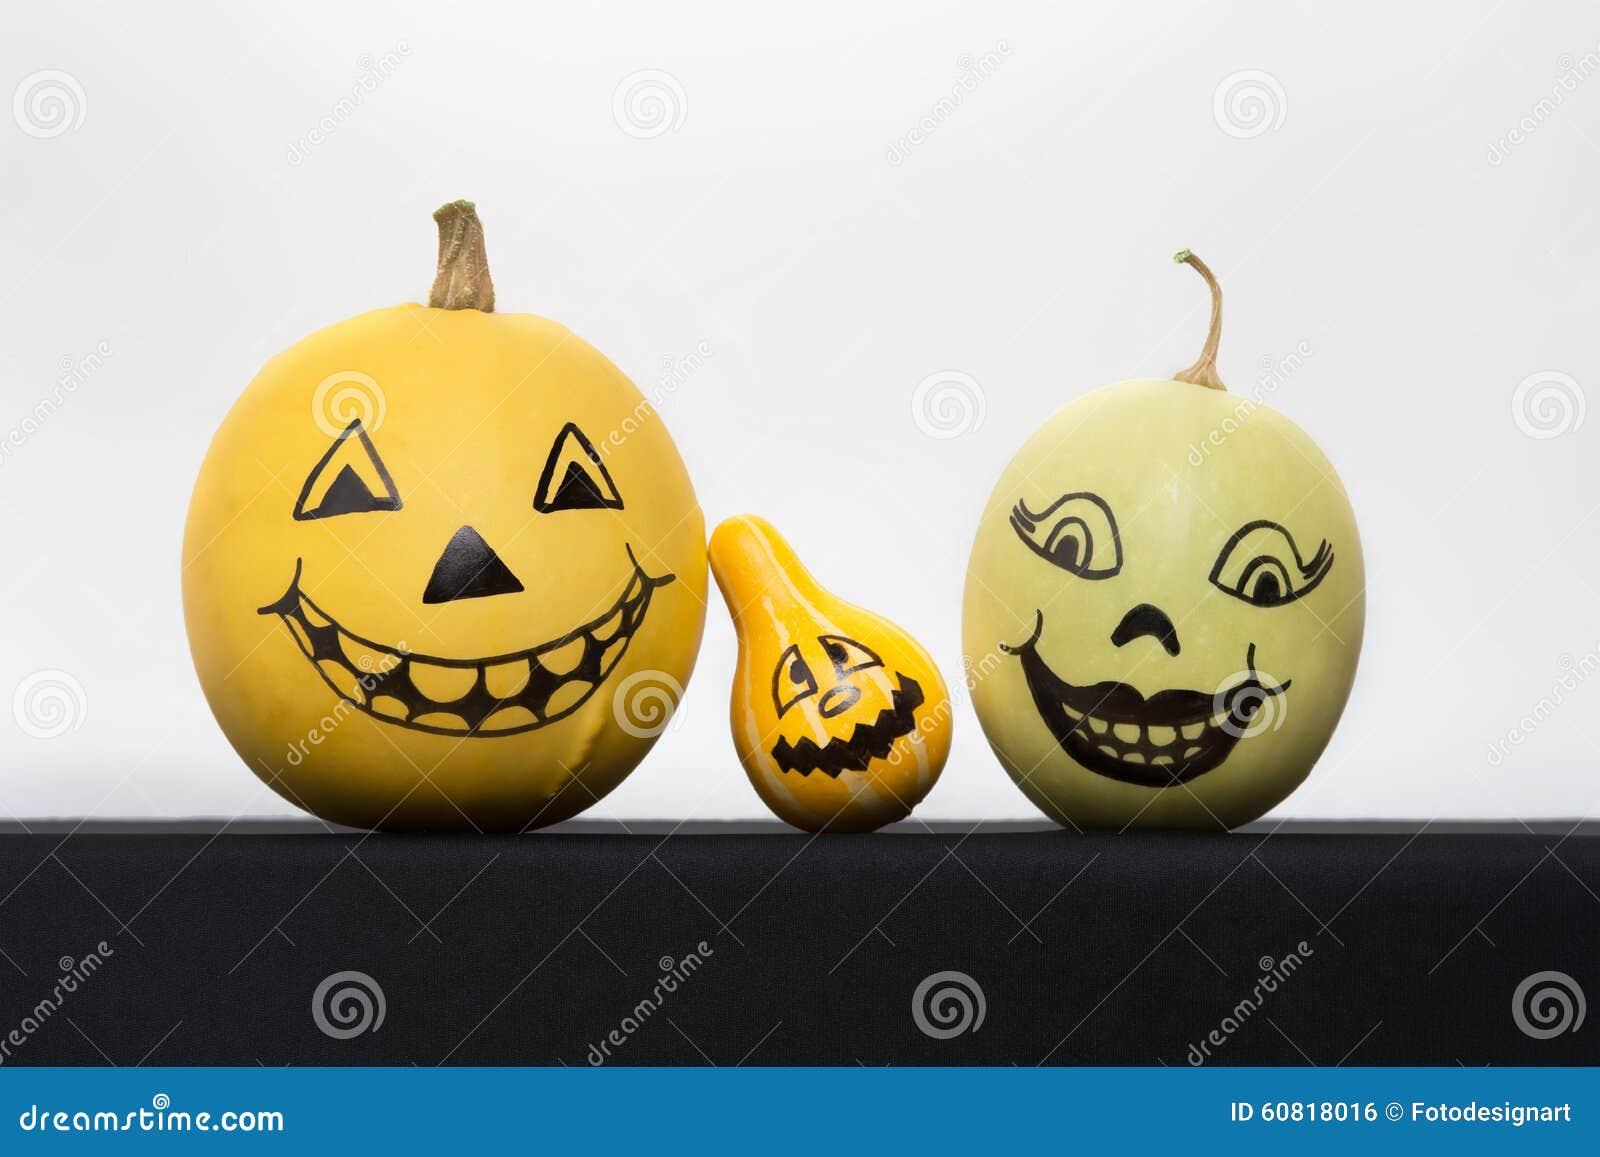 Calabazas de halloween con las caras pintadas foto de archivo imagen 60818016 - Calabazas de halloween pintadas ...